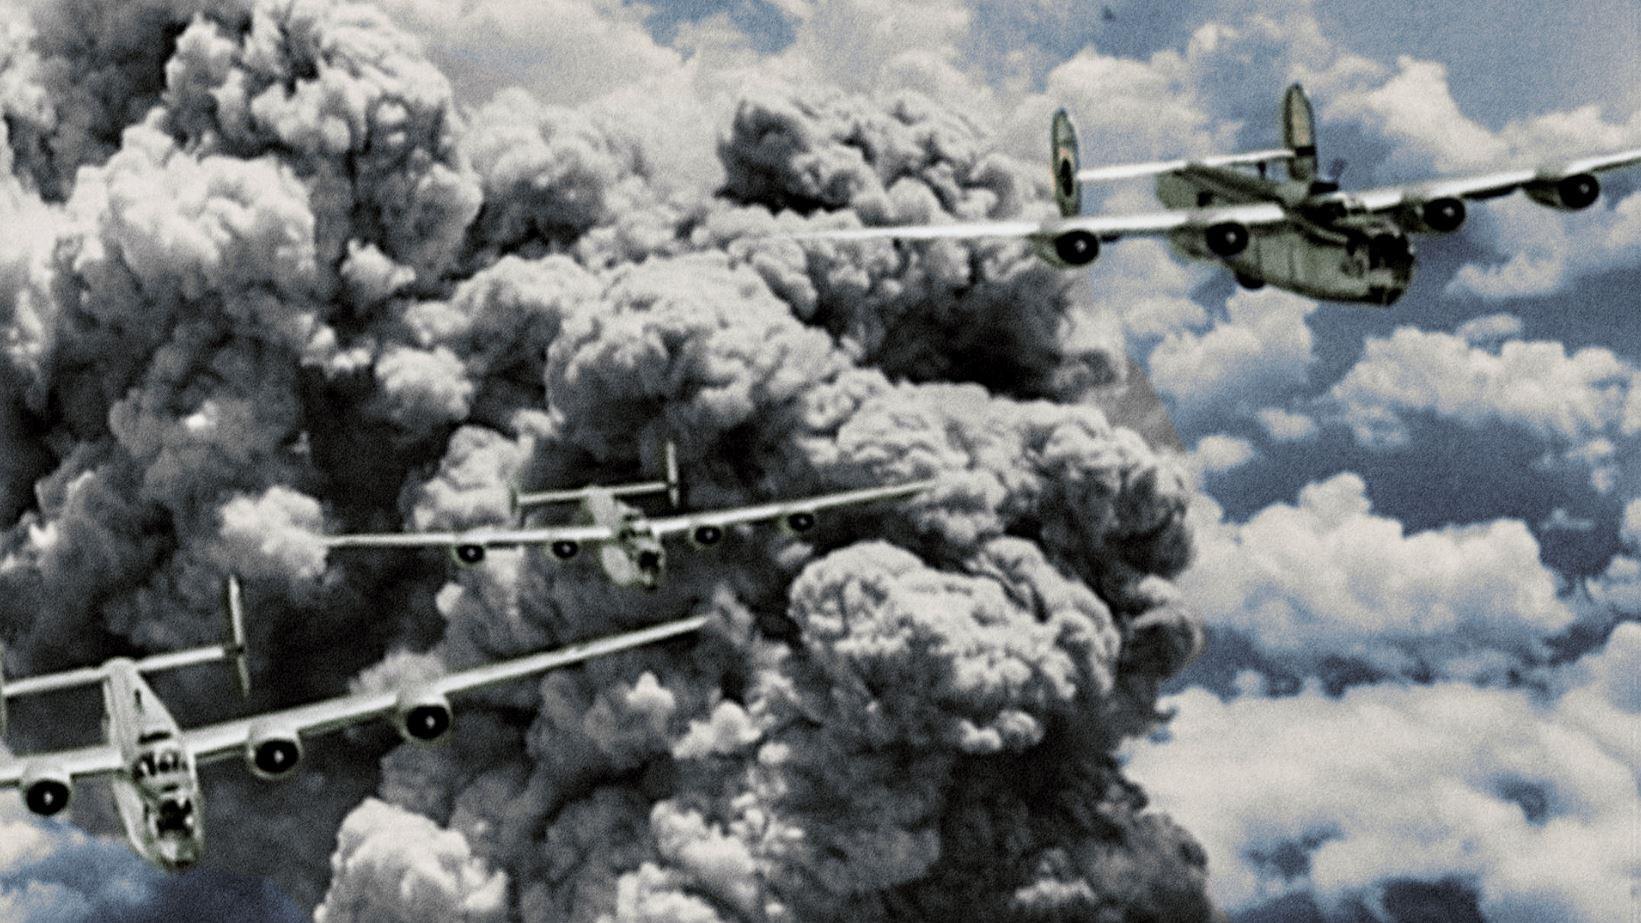 Wendepunkte des Zweiten Weltkriegs - Bomben über Dresden